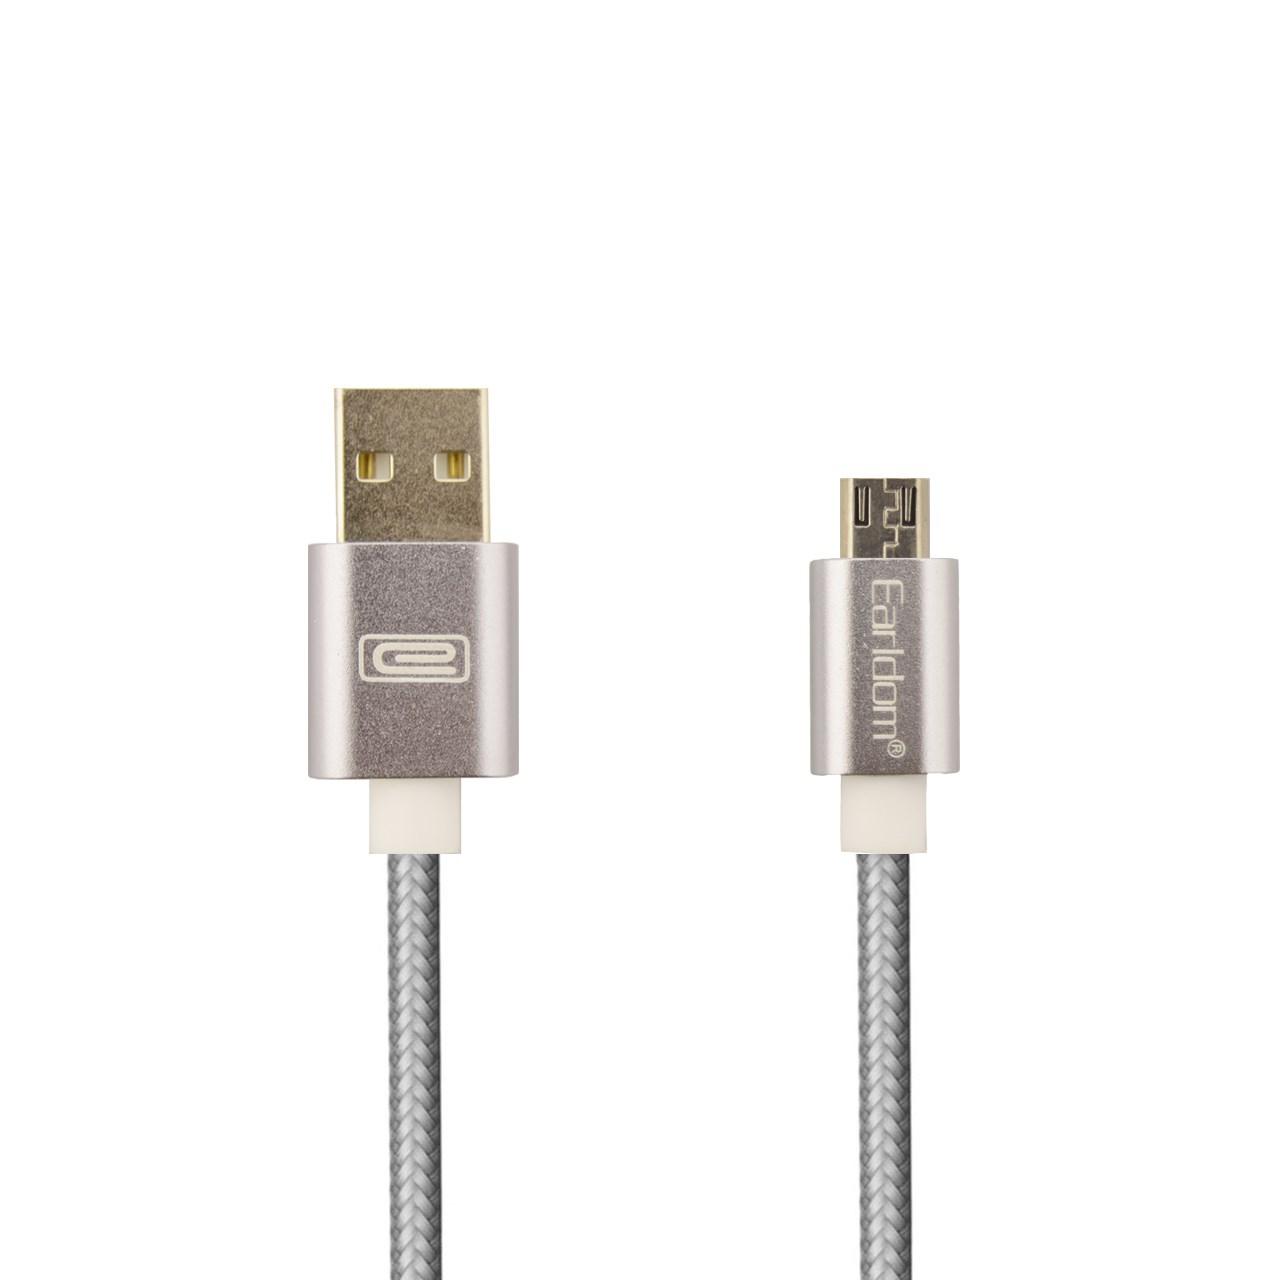 کابل تبدیل USB به Micro USB ارلدام مدل ET-011M طول 3 متر              ( قیمت و خرید)